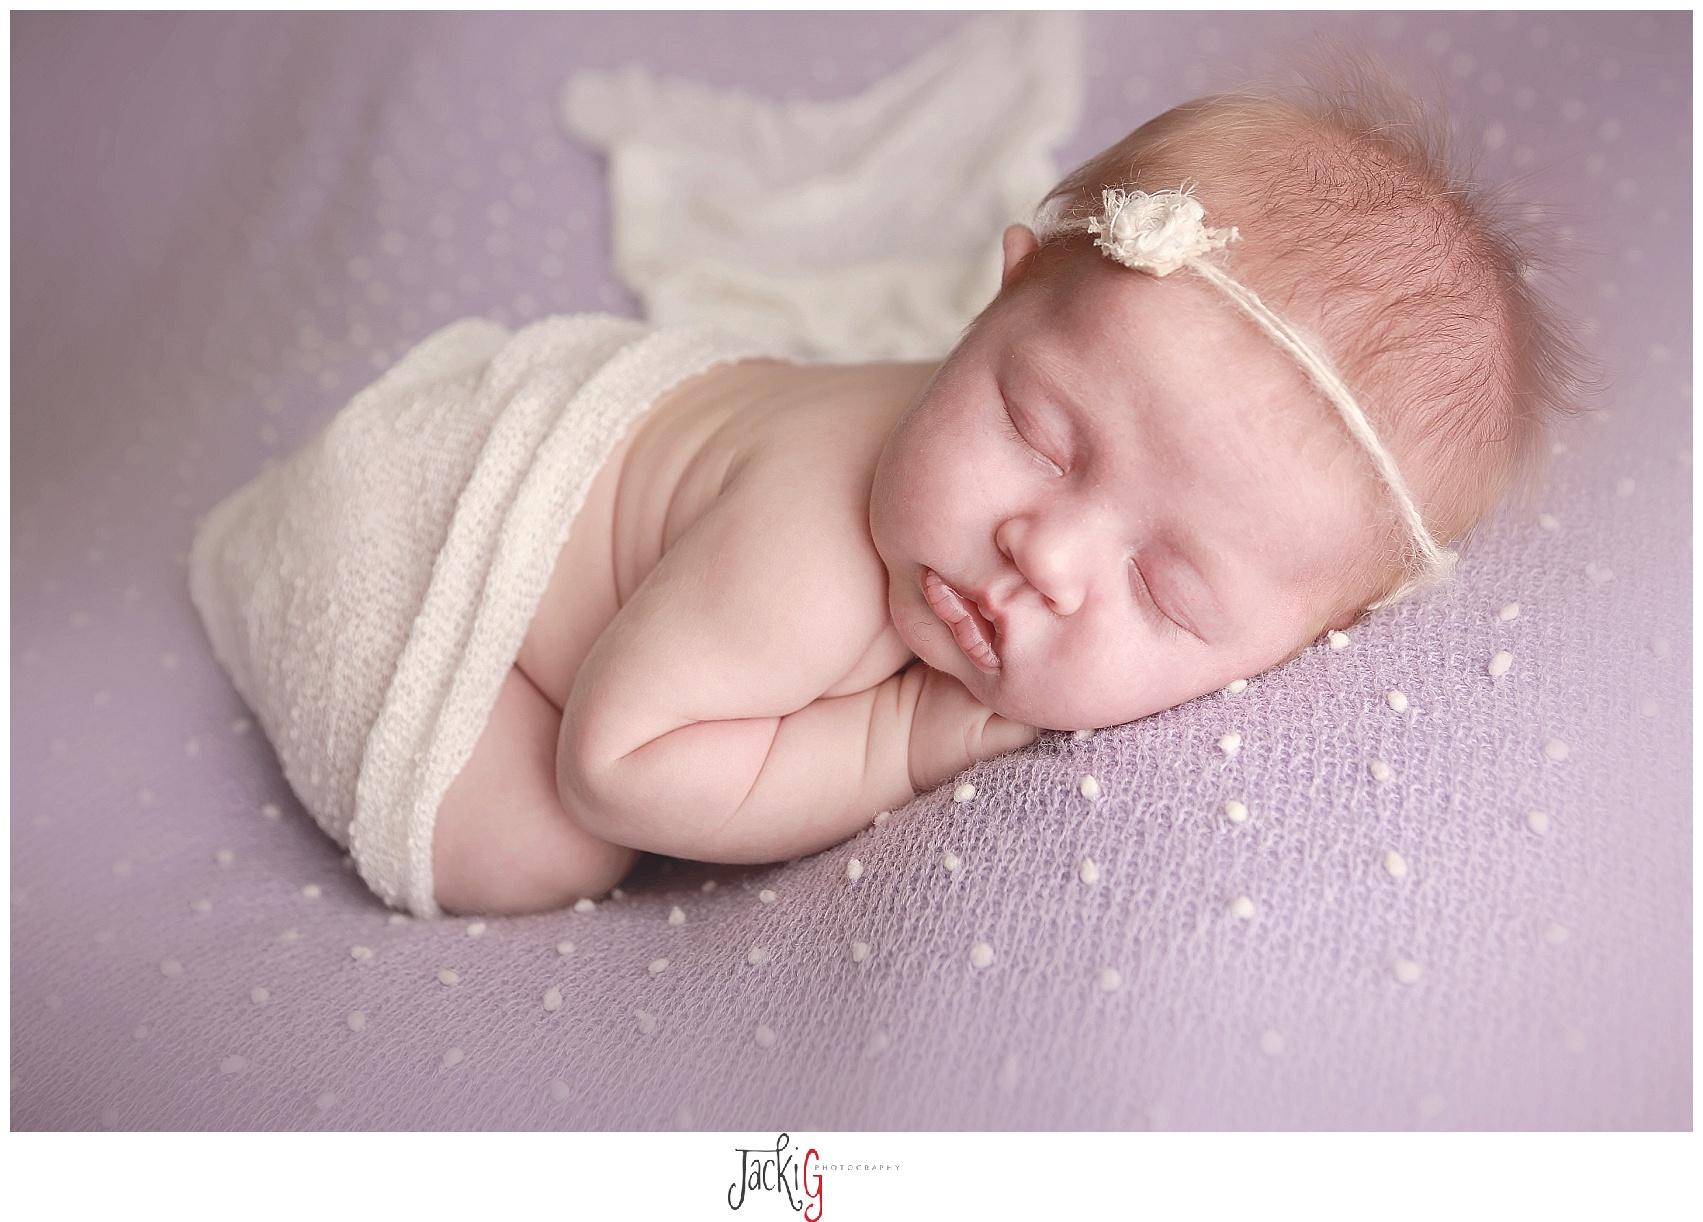 #jackigphotography #newborn